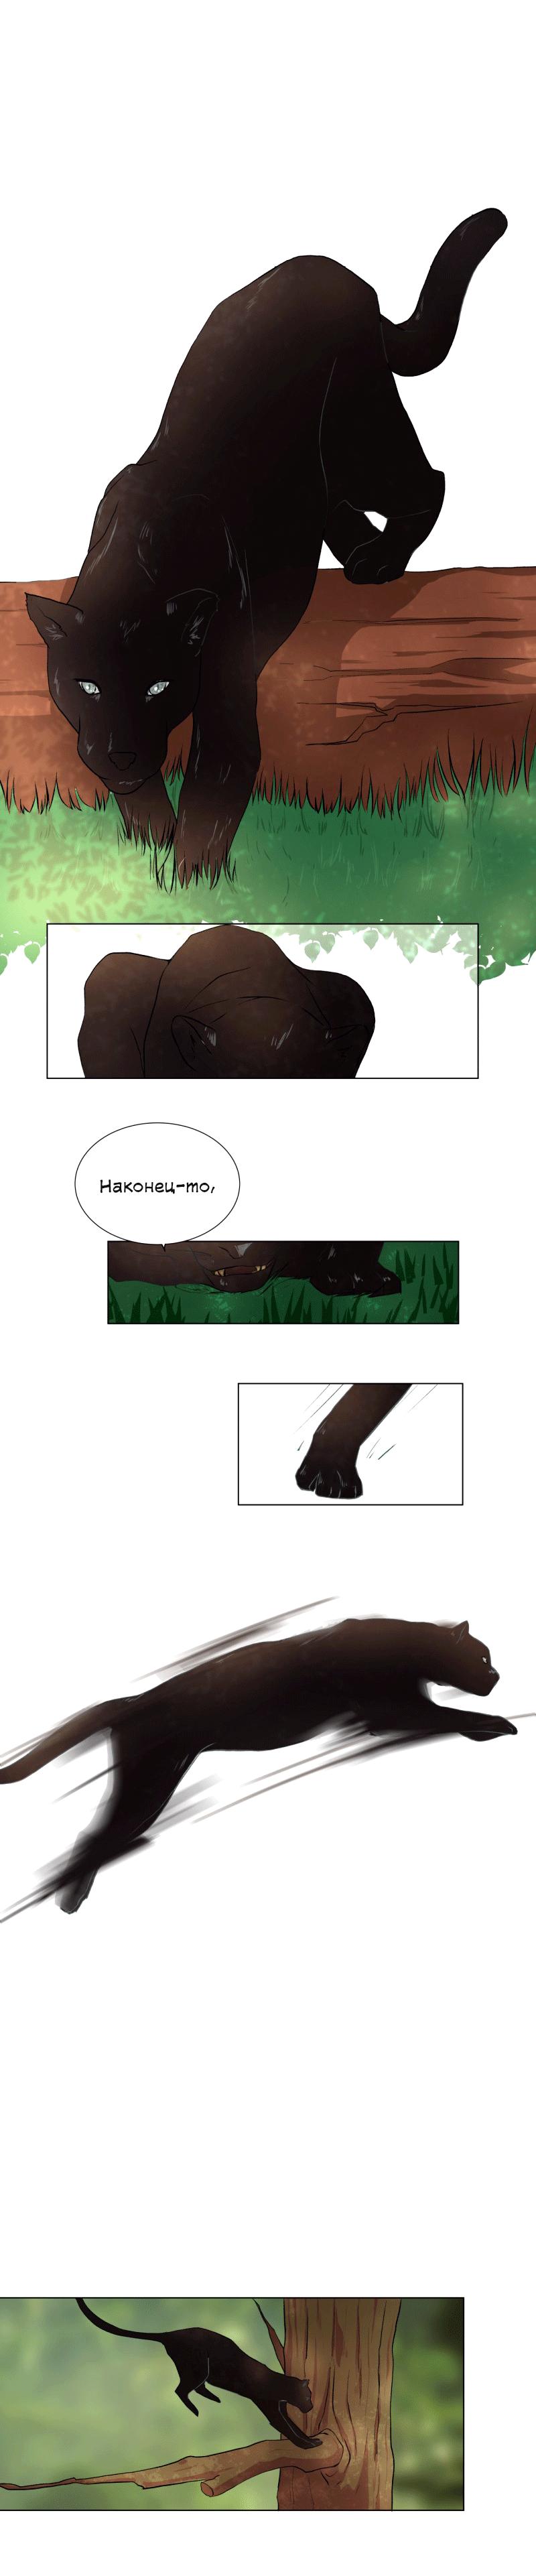 https://r1.ninemanga.com/comics/pic2/58/31802/324785/1494903938222.png Page 3